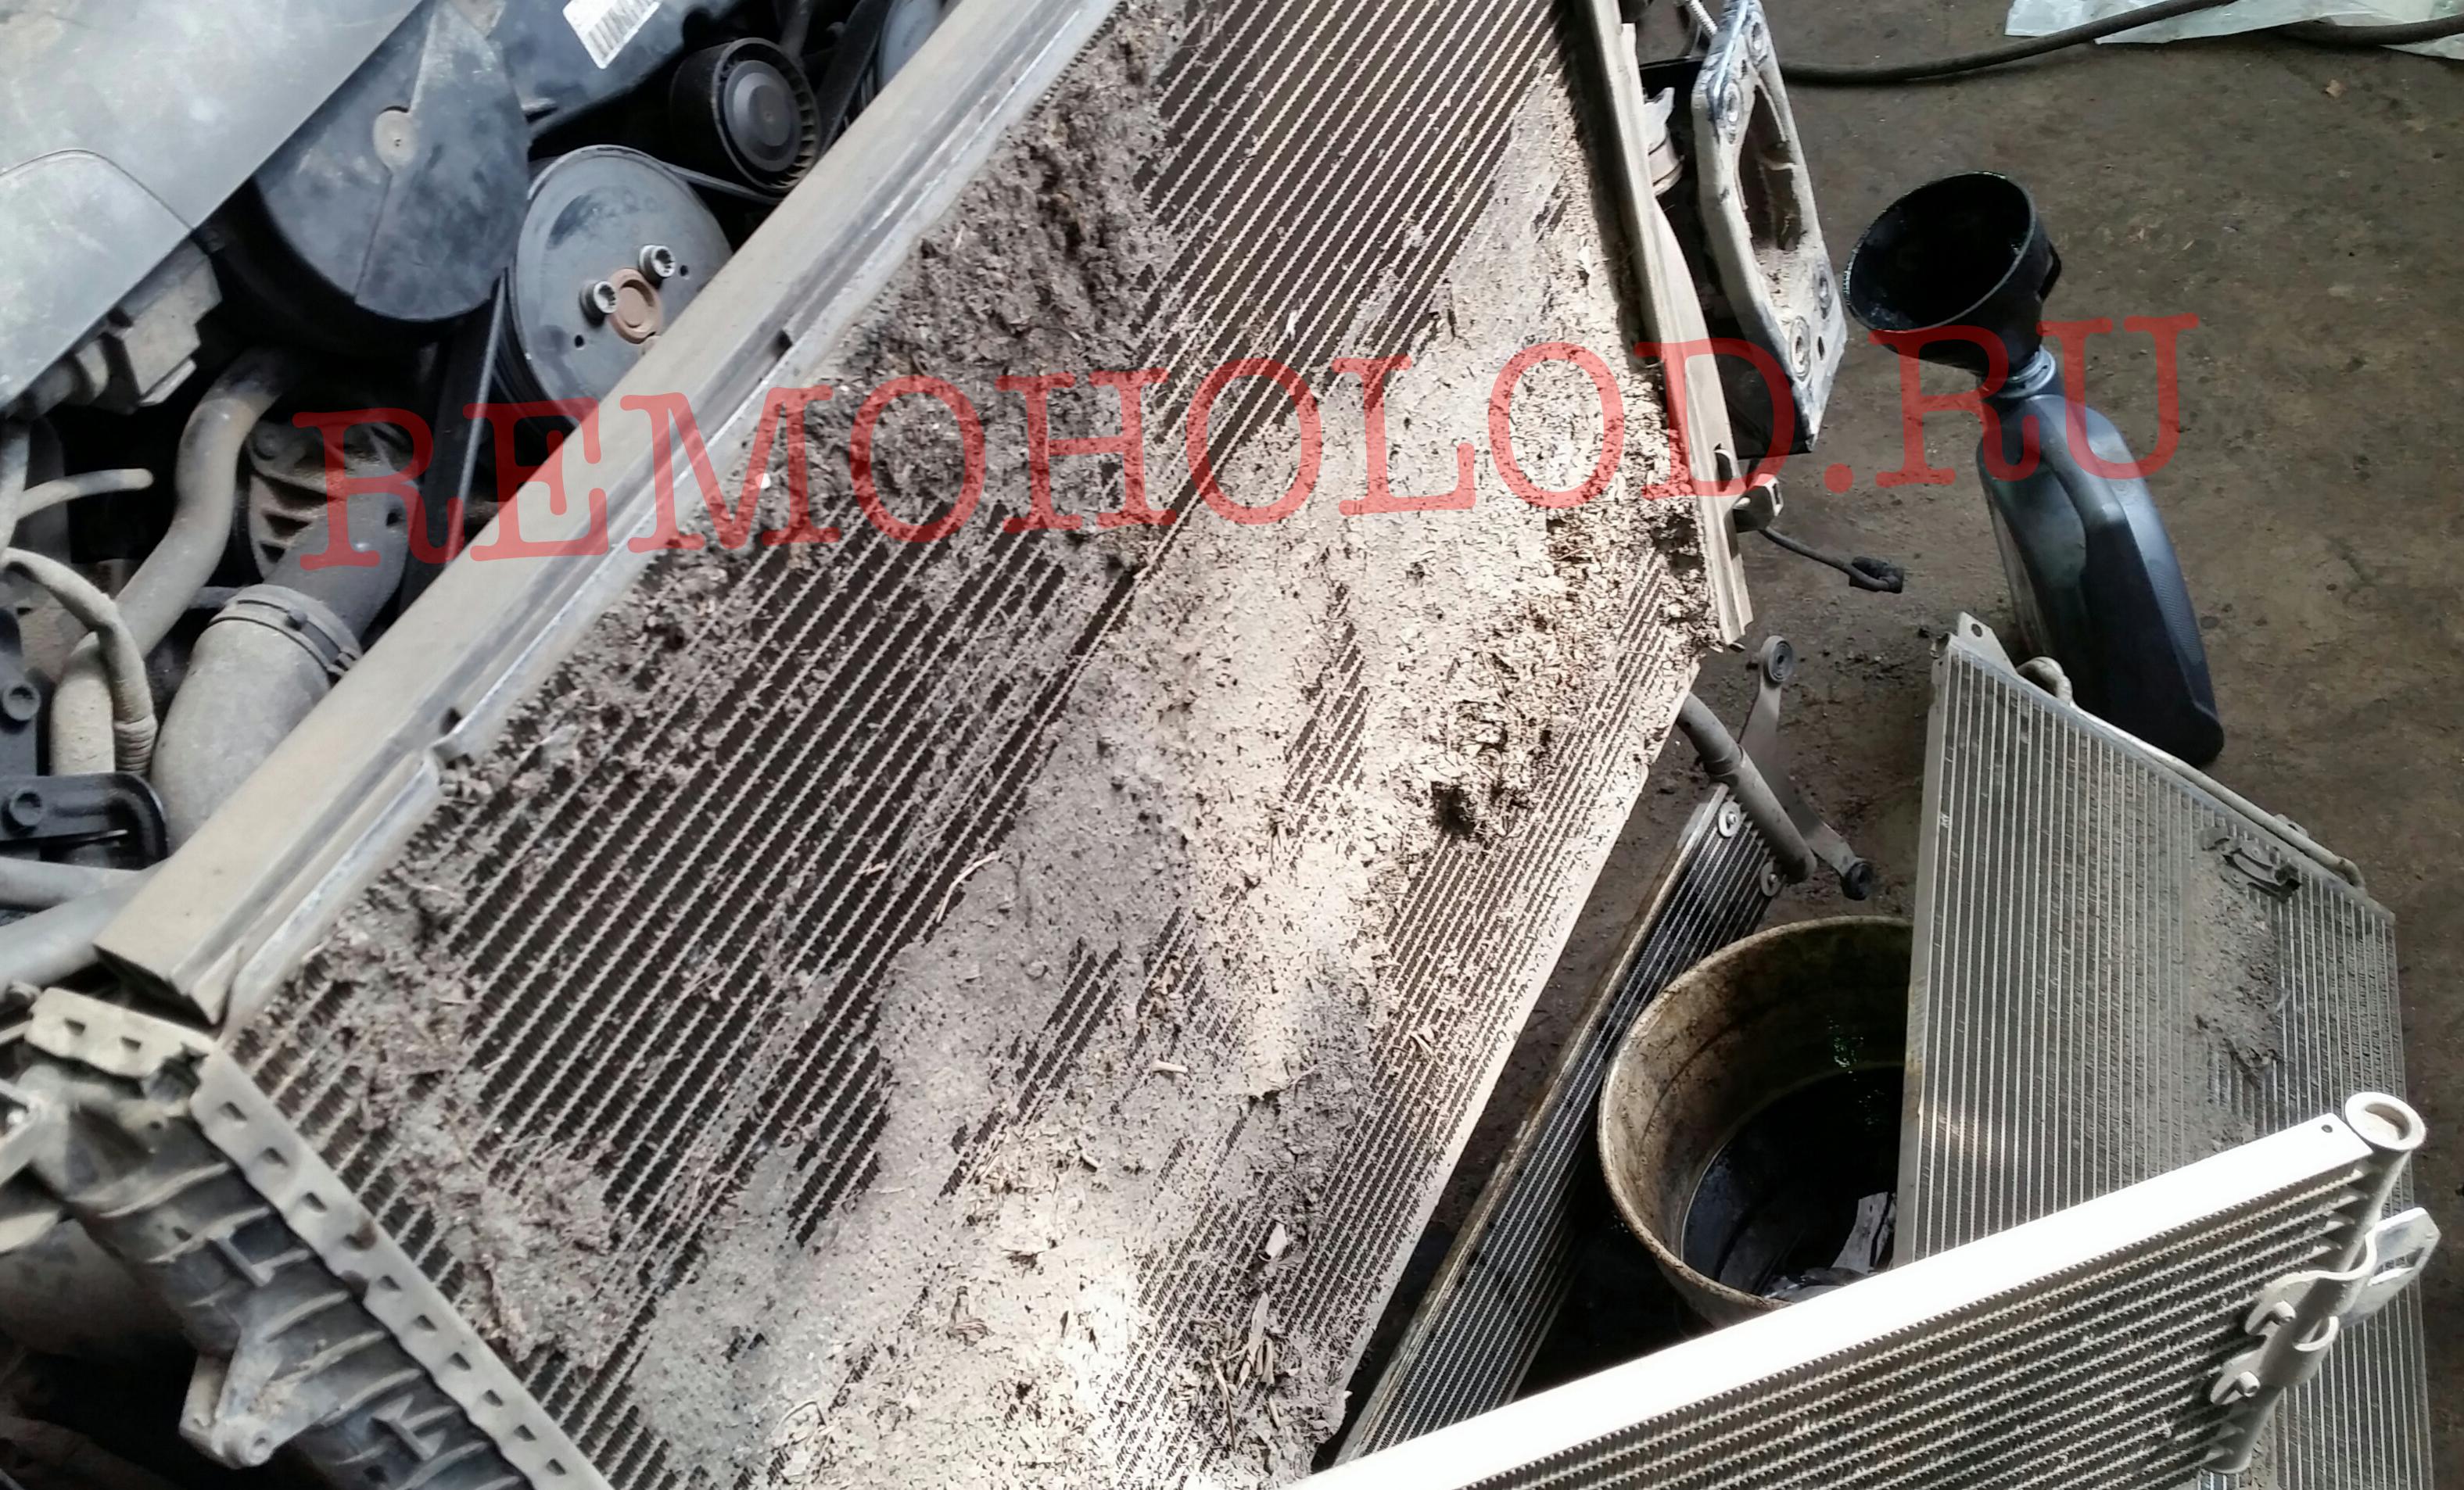 Вот что было у него между радиаторами. А ведь человек ездил обслуживаться к дилерам! Как выясняется, дилерам глубоко наплевать на машины клентов! -))